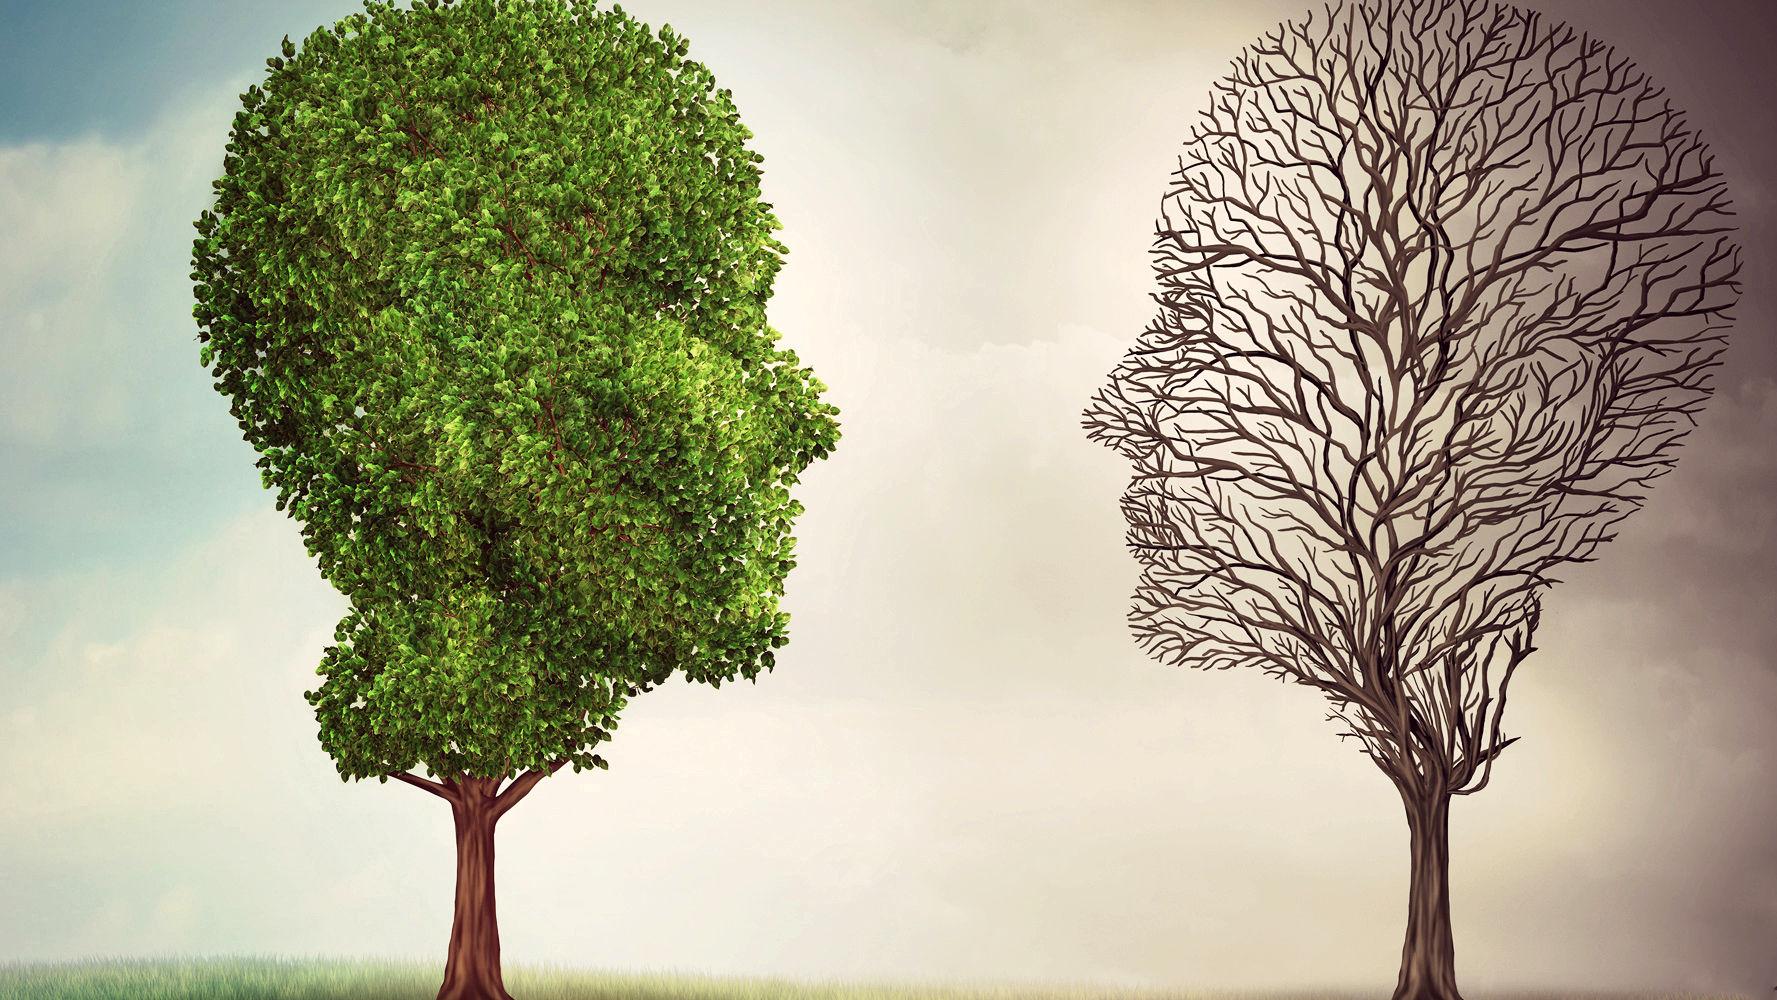 تصویر از سلامت روان؛ با این 9 روش ذهن خود را منفجر کنید!